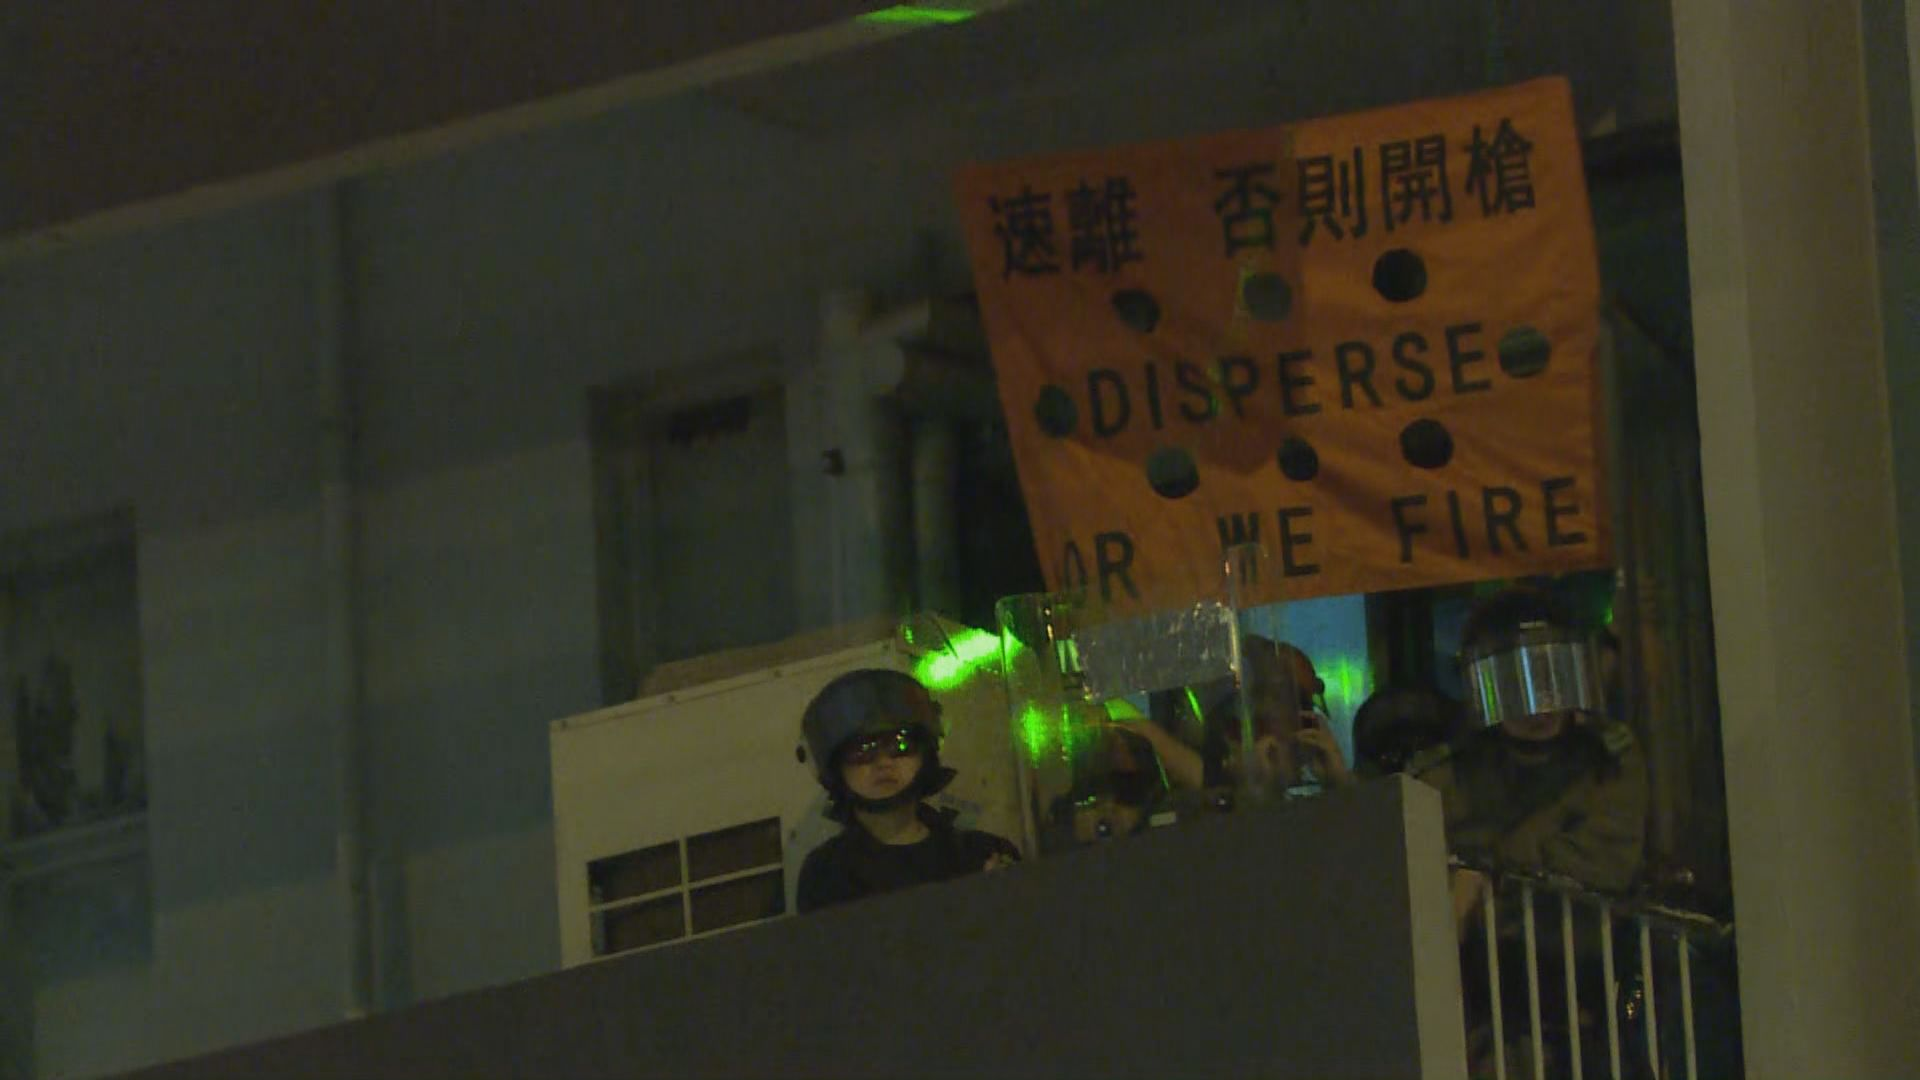 示威者再在旺角警署外聚集 警一度舉橙旗